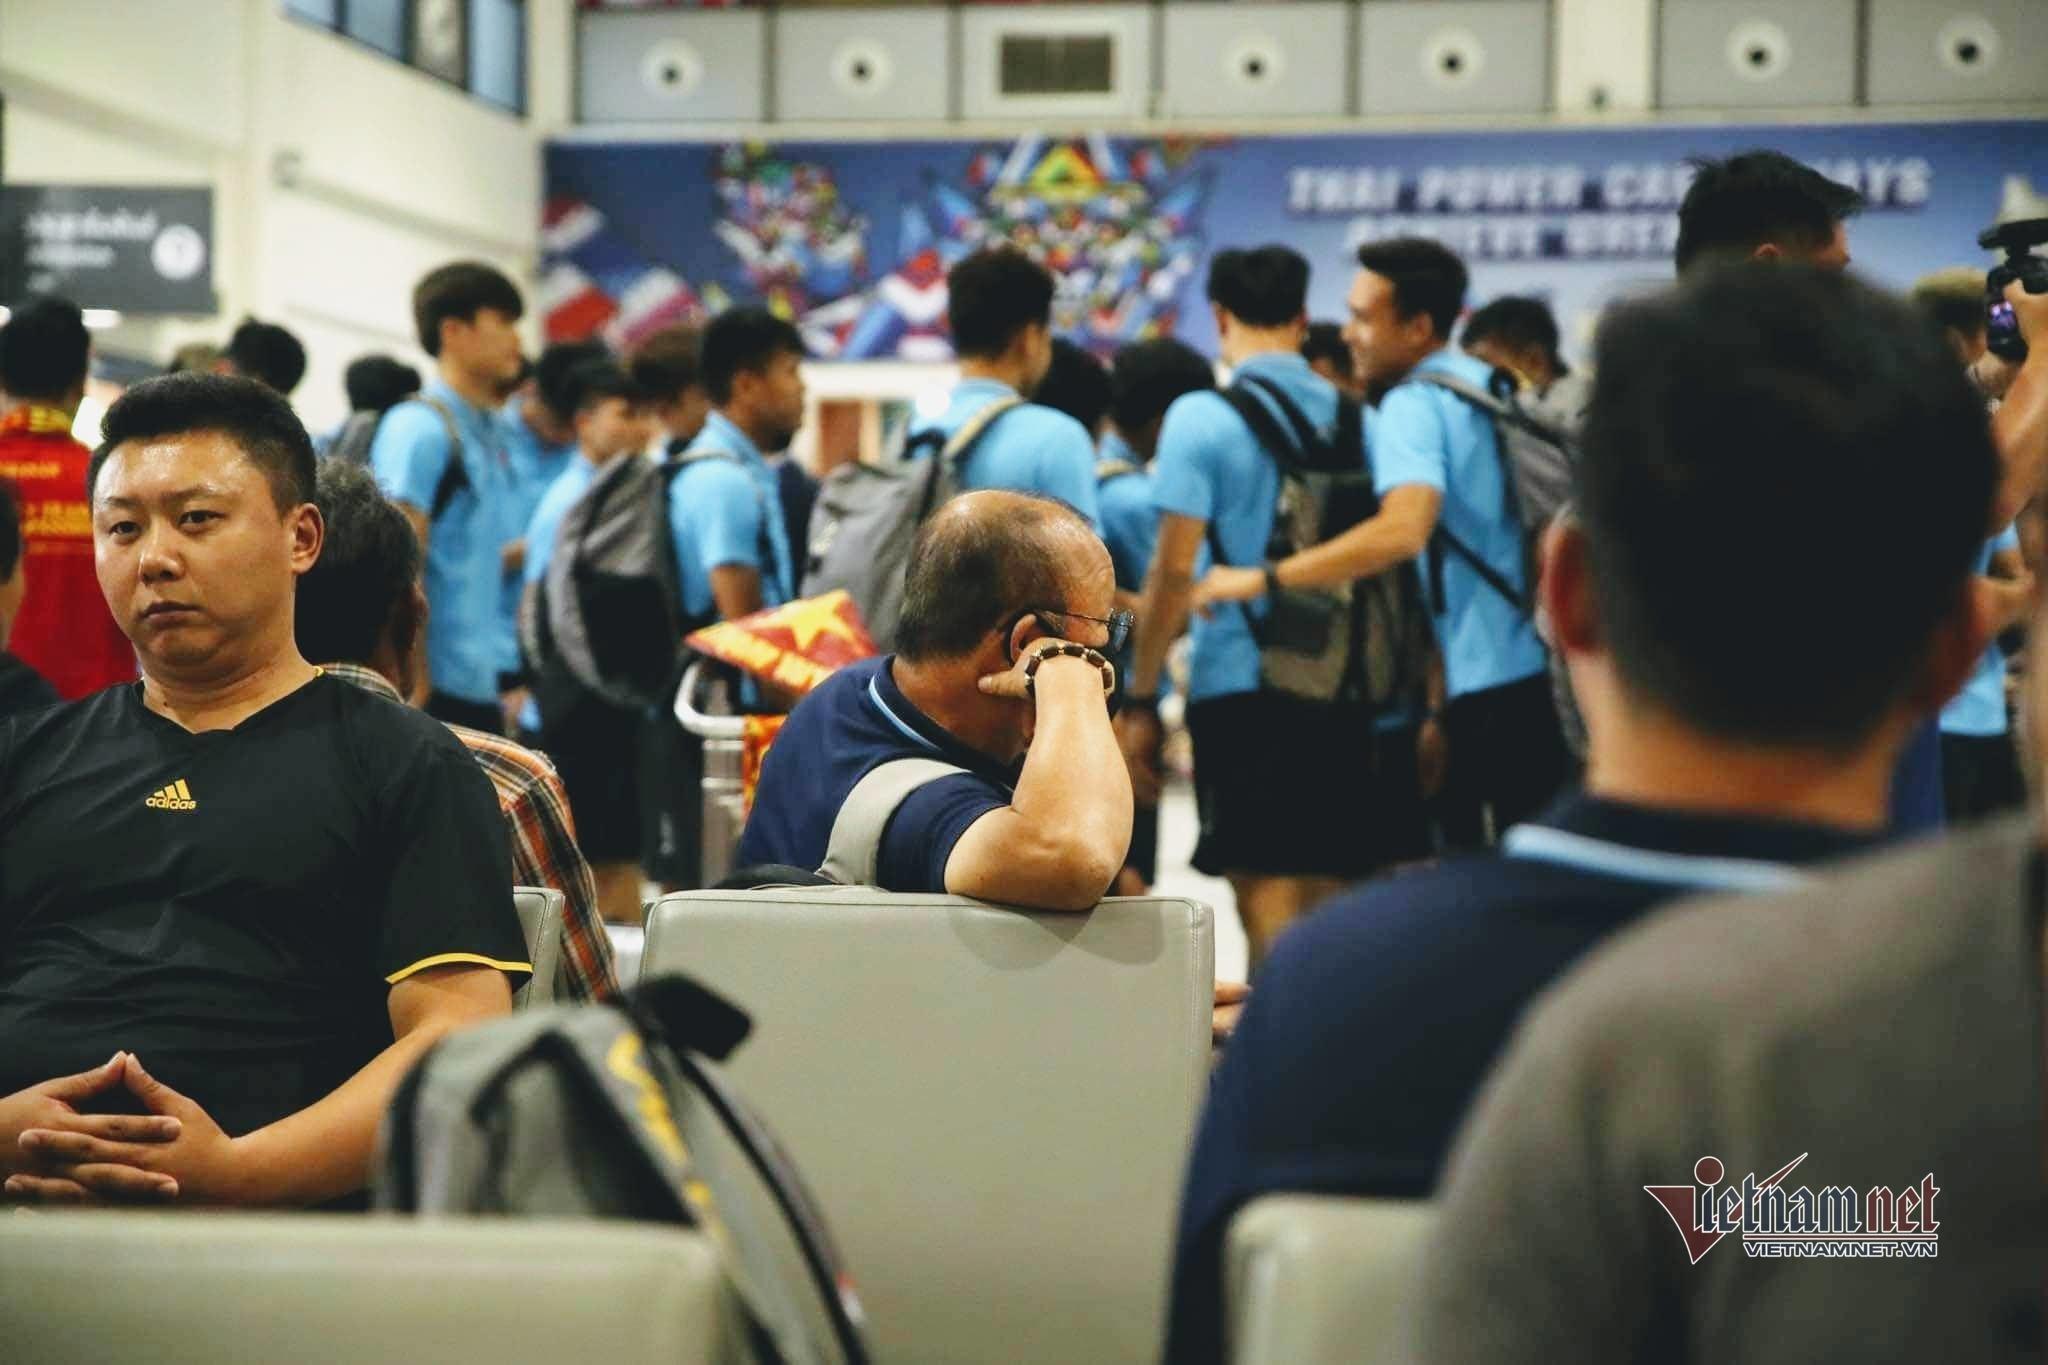 U23 Việt Nam và Triều Tiên 'chạm trán' ở sân bay